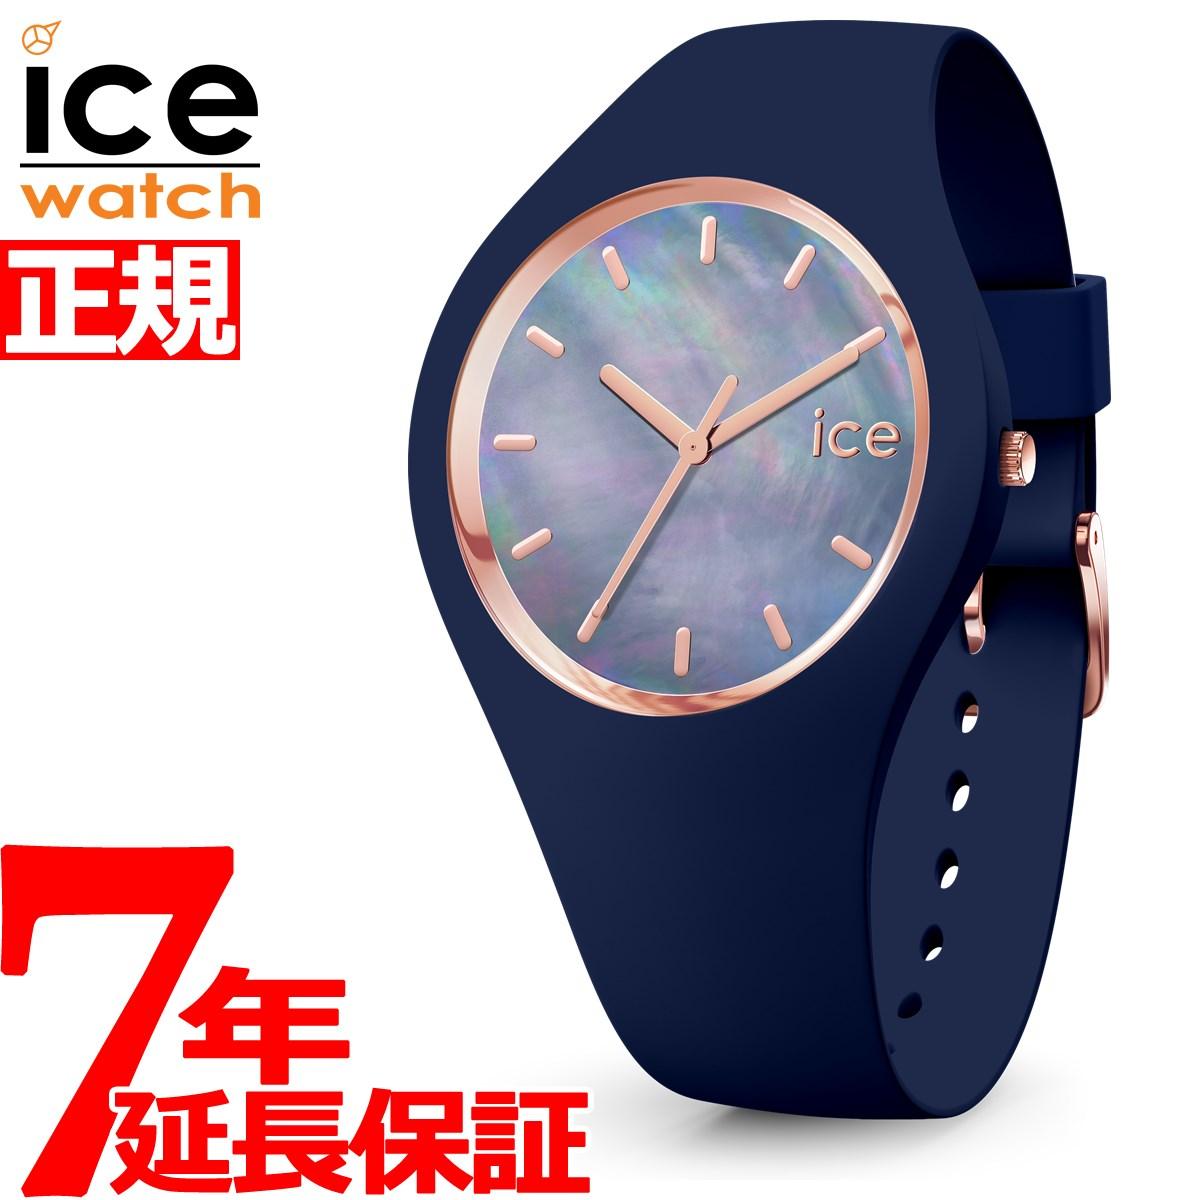 【5日0時~♪最大2000円OFFクーポン&店内ポイント最大51倍!5日23時59分まで】アイスウォッチ ICE-Watch 腕時計 メンズ レディース アイスパール ICE pearl ミディアム トワイライト 017127